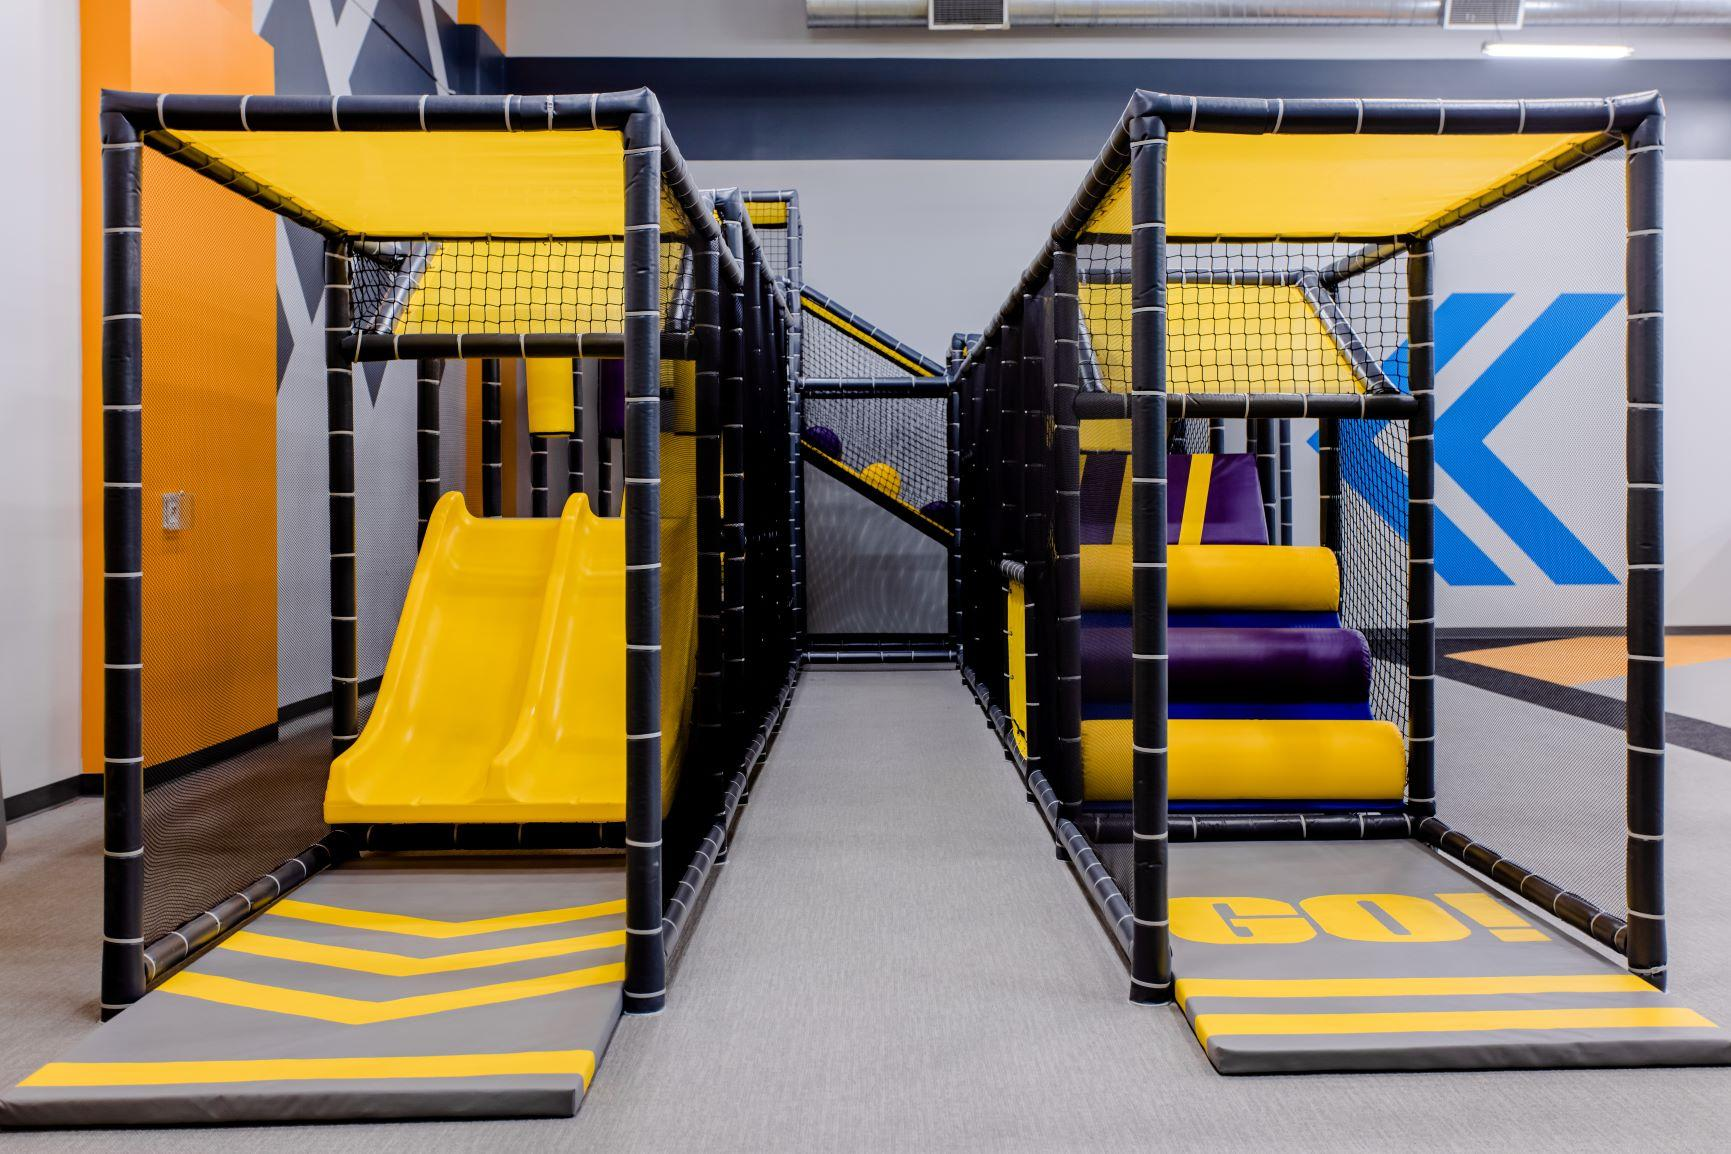 Redemption Church indoor playground